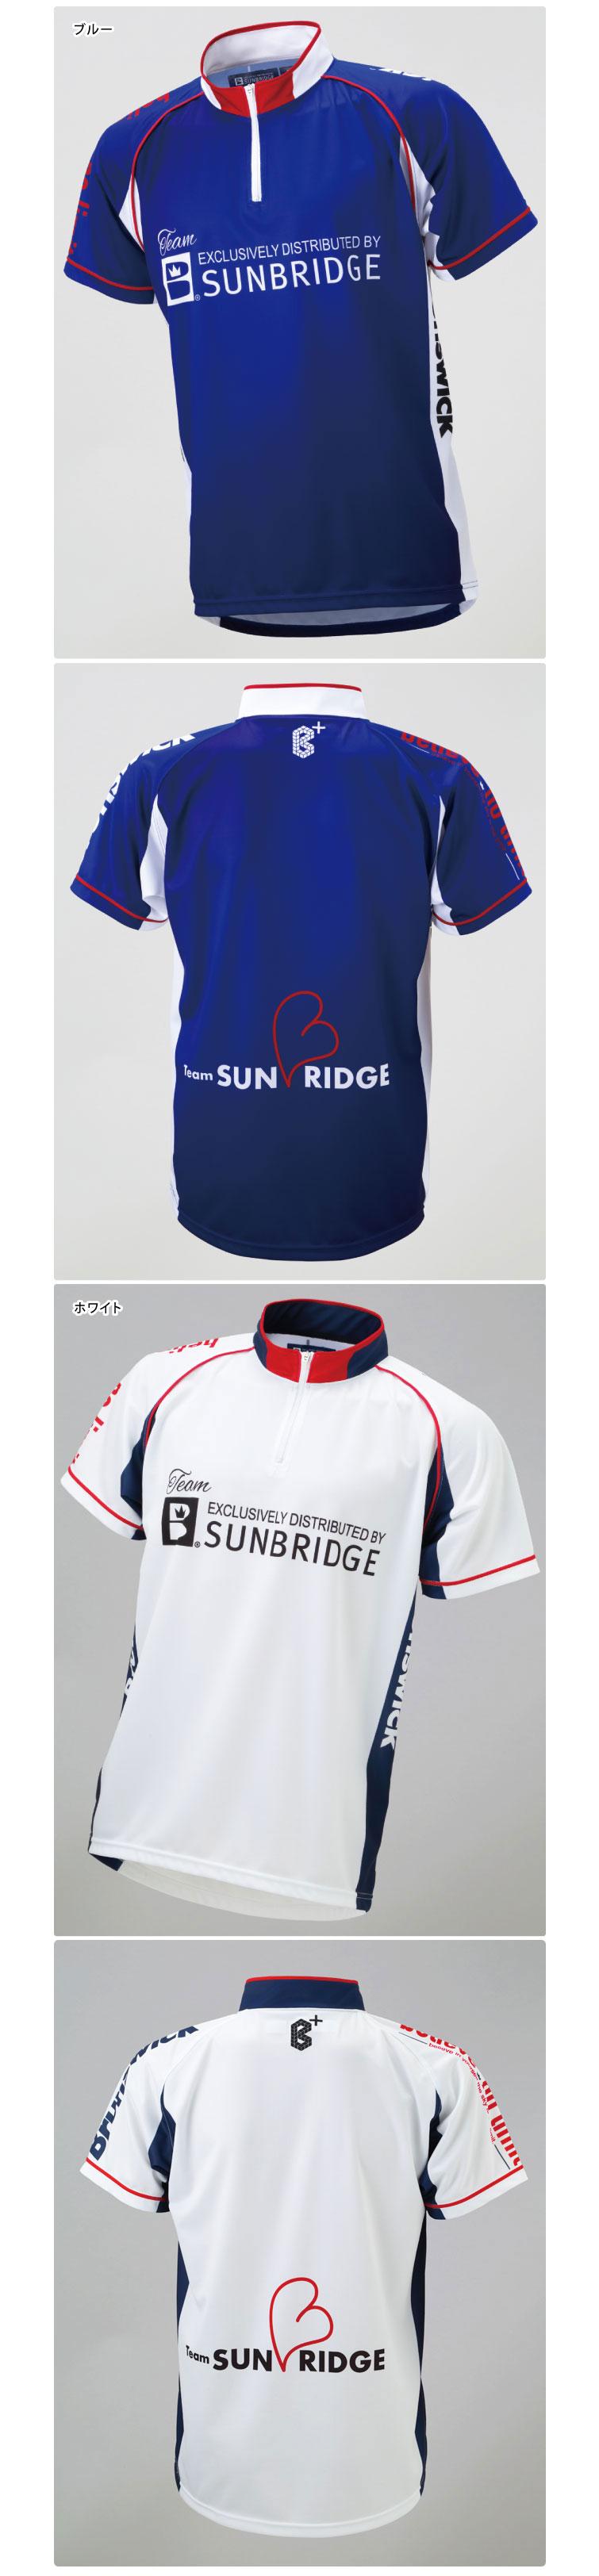 ボウリング用品 ボウリングウェア ブランズウィック BRUNSWICK チームサンブリッジ Team Sunbridge レプリカウェア